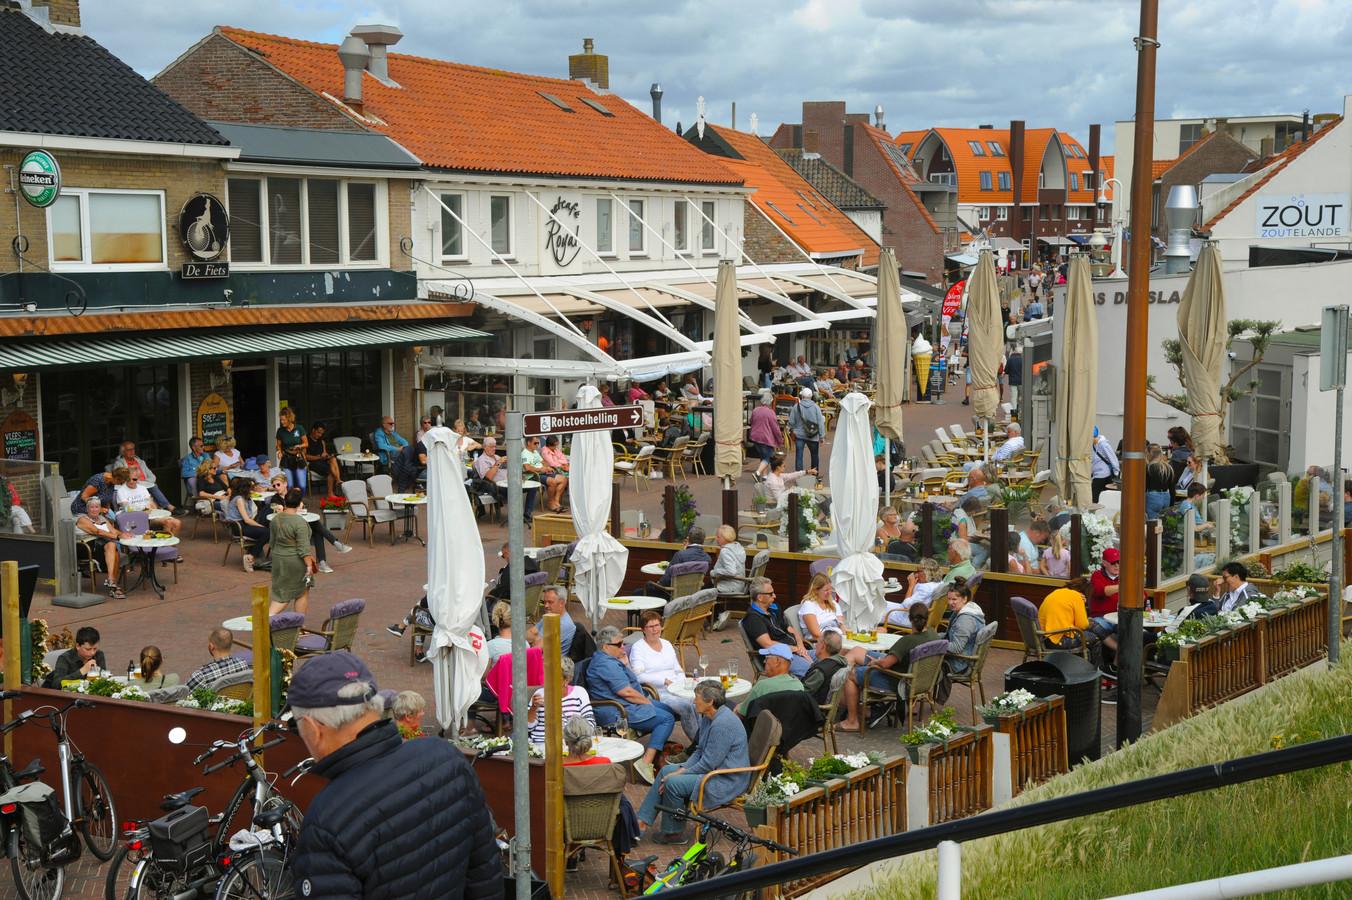 Deze zomer zaten de terrassen weer vol, zoals hier in Zoutelande. Maar blijven al die toeristen naar de Veerse kust komen, zo vragen de ondernemers zich af nu de gemeente de tarieven voor hen fors laat stijgen.